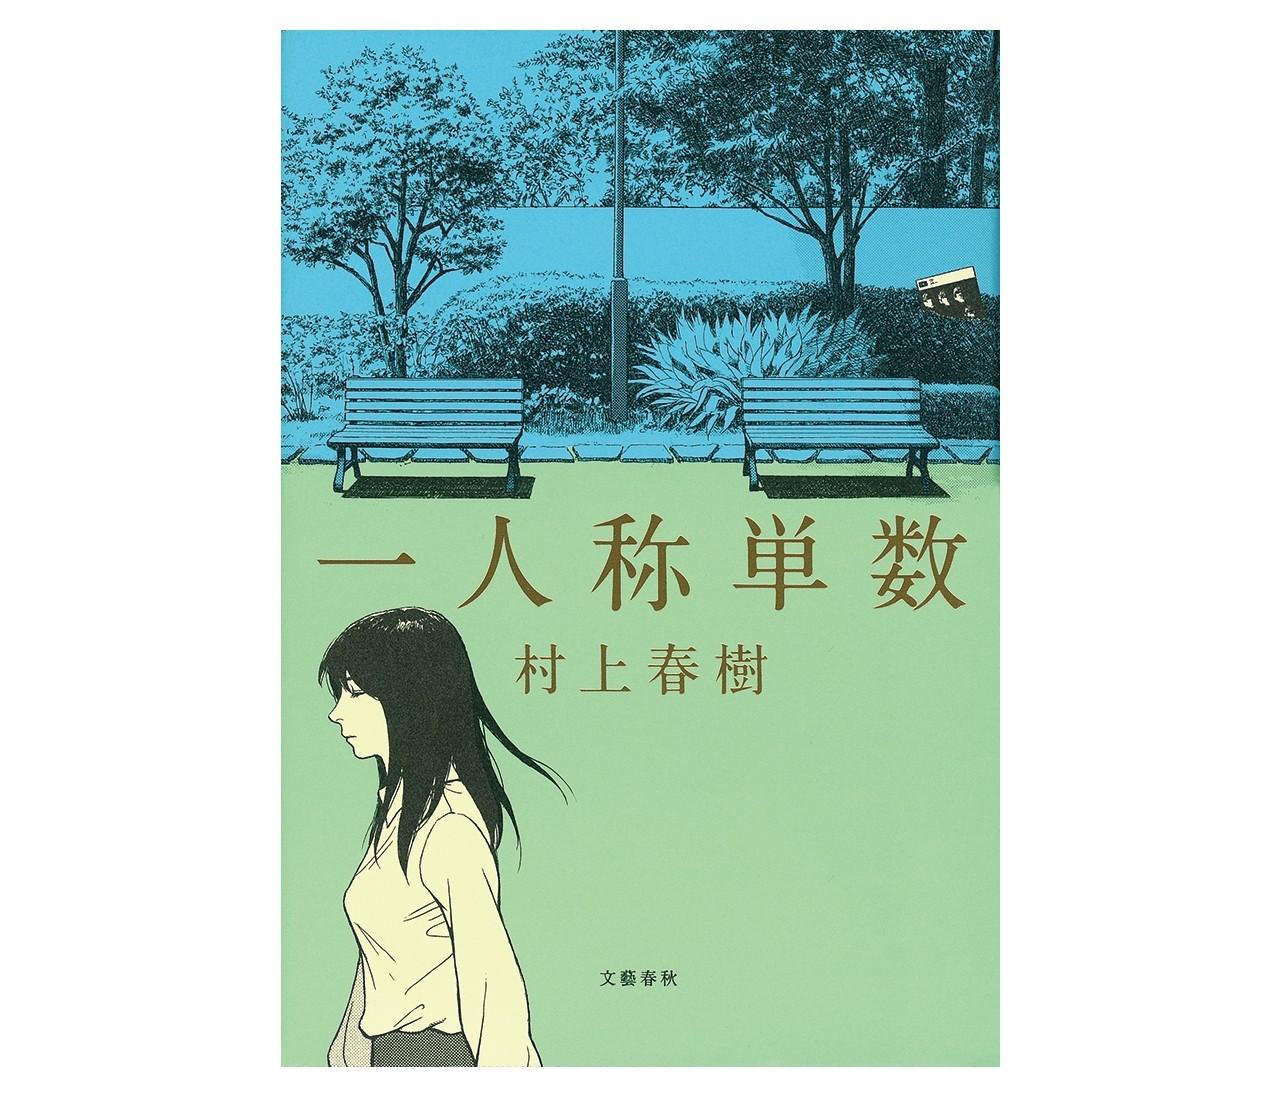 村上春樹の人生観が垣間見える一冊『一人称単数』【30代におすすめの本】